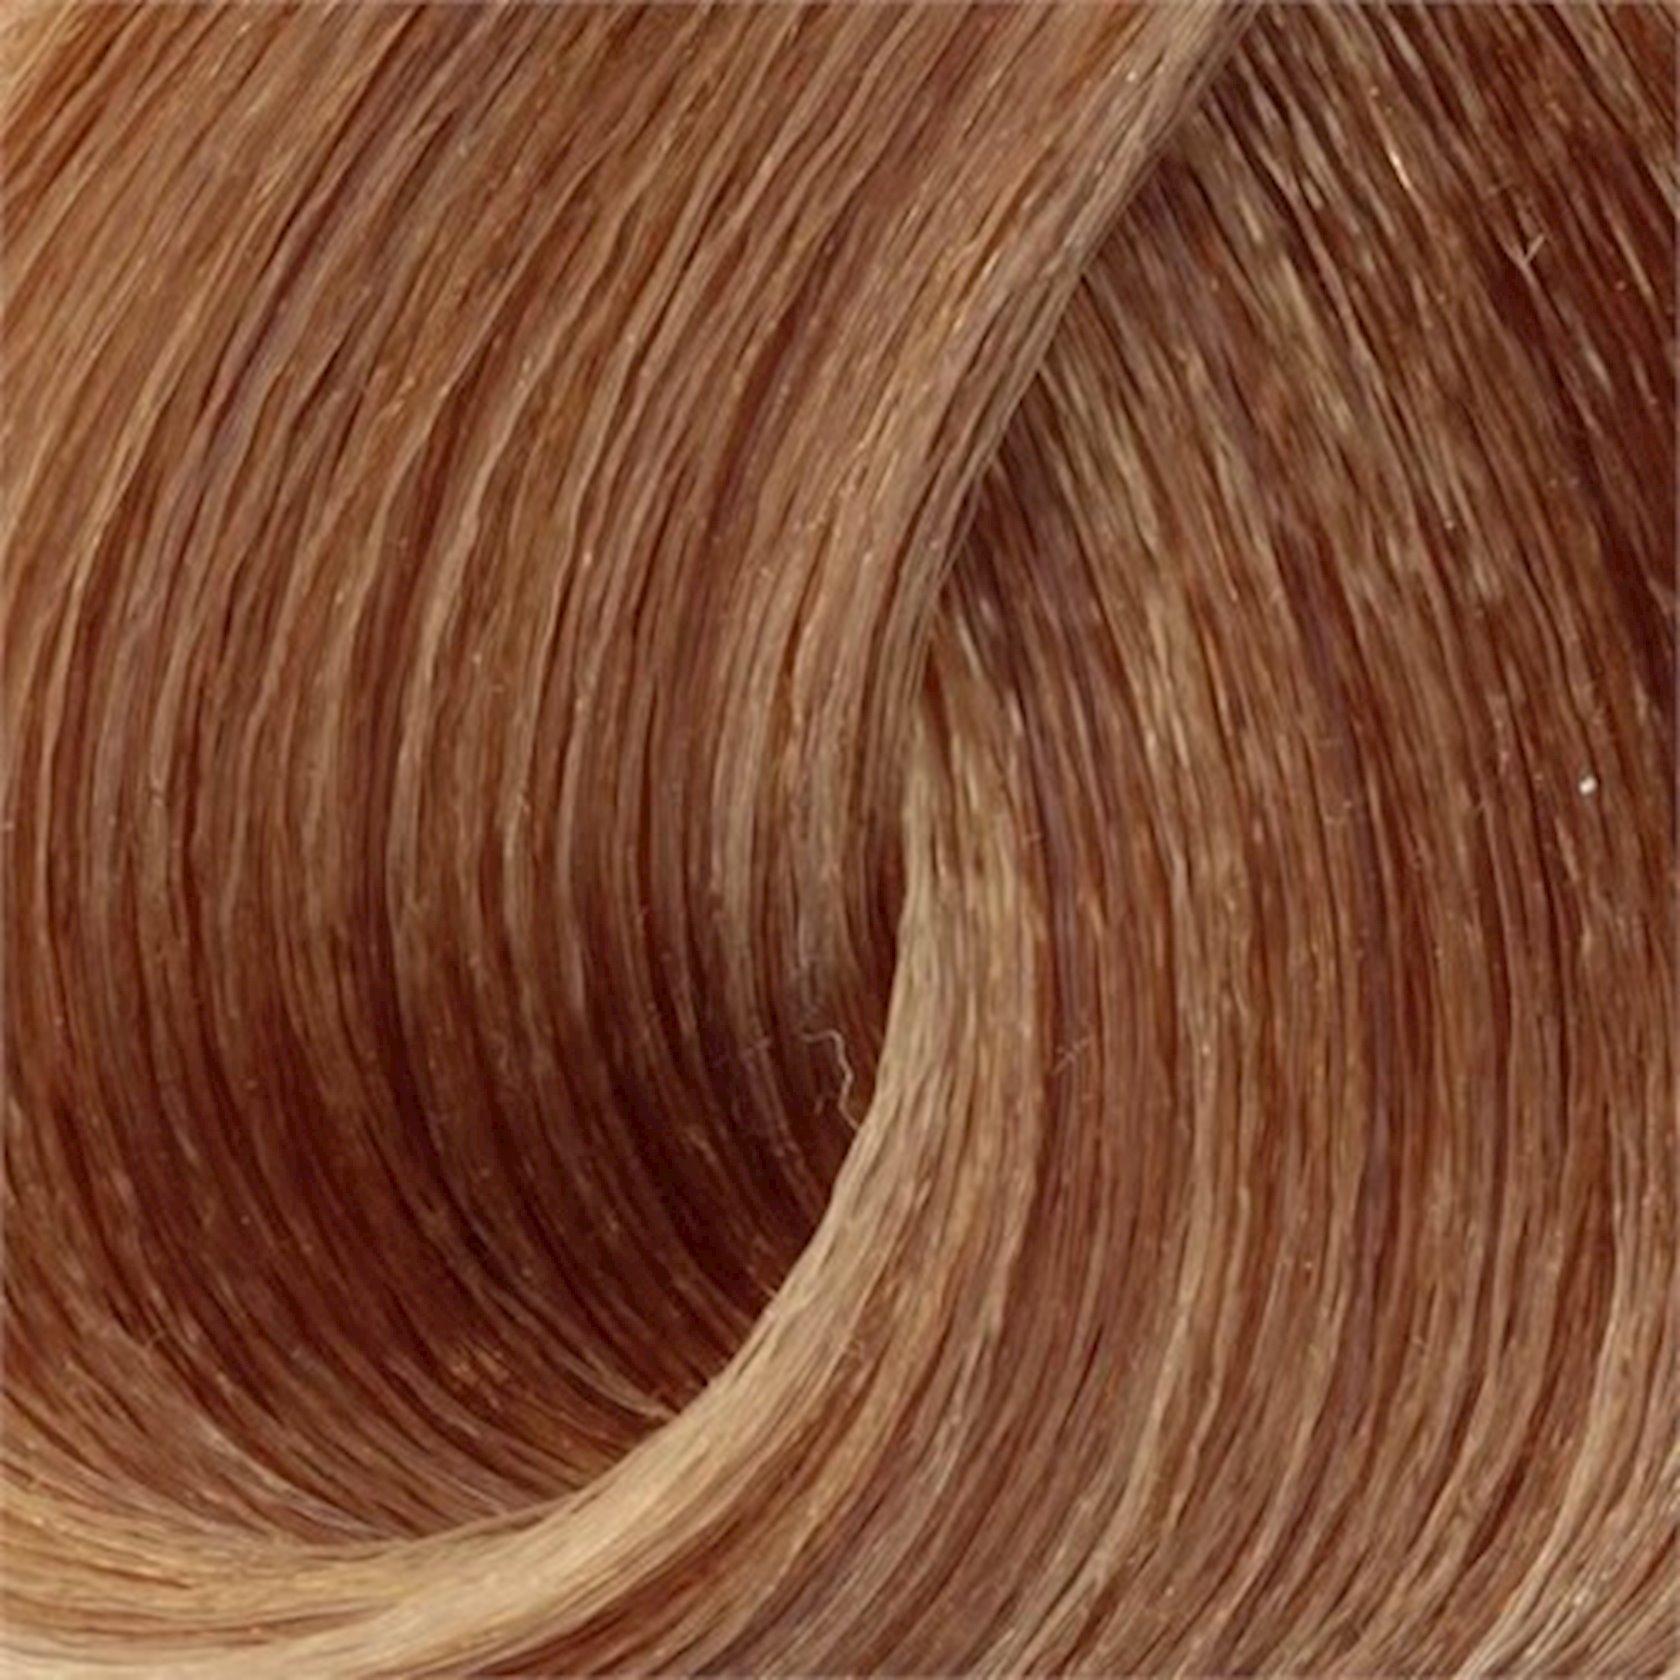 Saç üçün qalıcı krem boya Exicolor Permanent Hair Color Cream 100 ml №9 Açık Sarı, Açıq sarışın